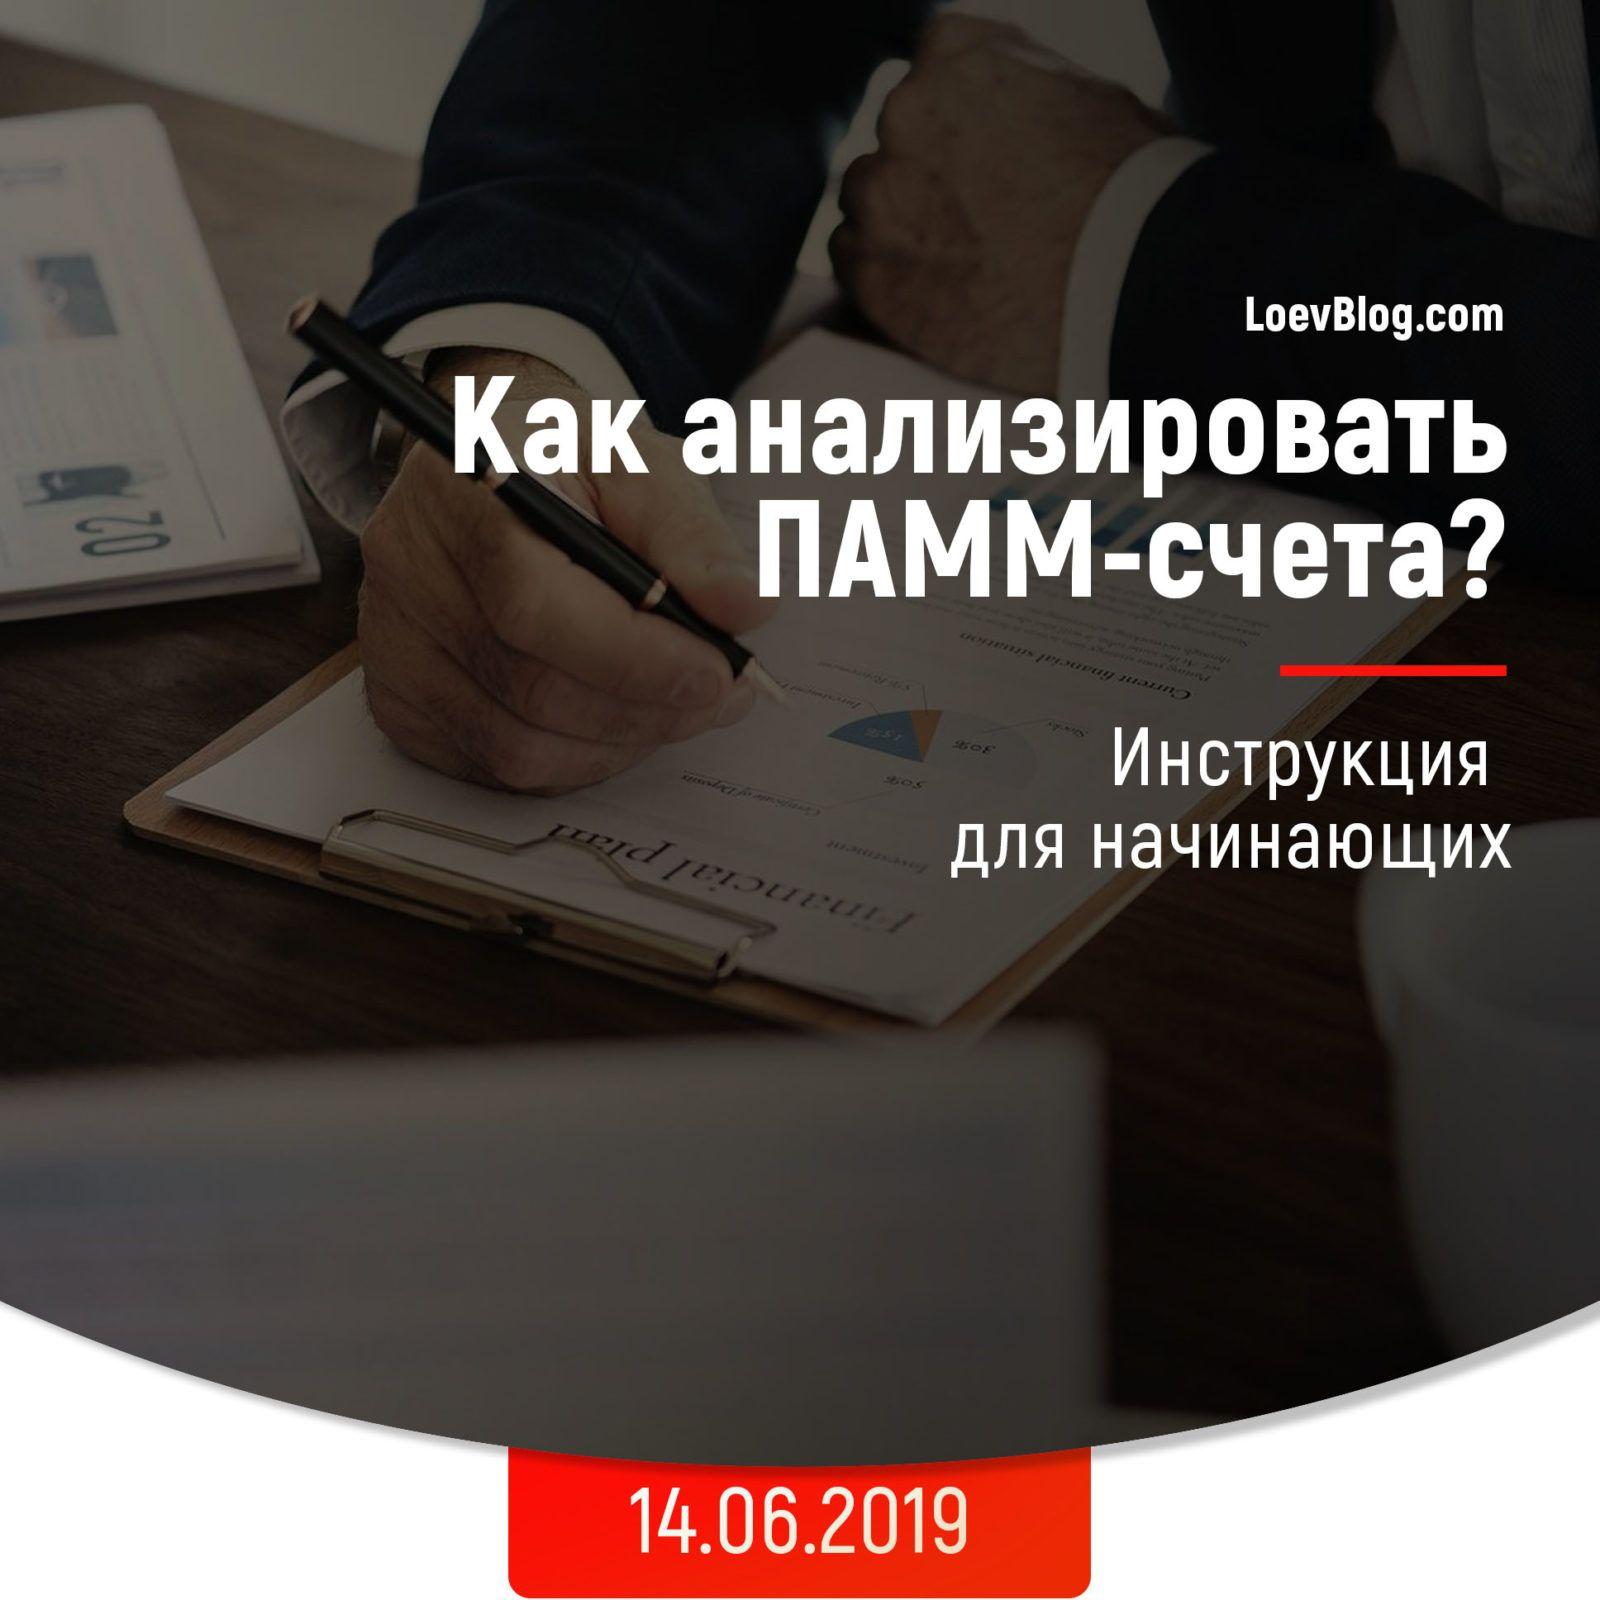 Как анализировать ПАММ-счета? Инструкция для начинающих 1